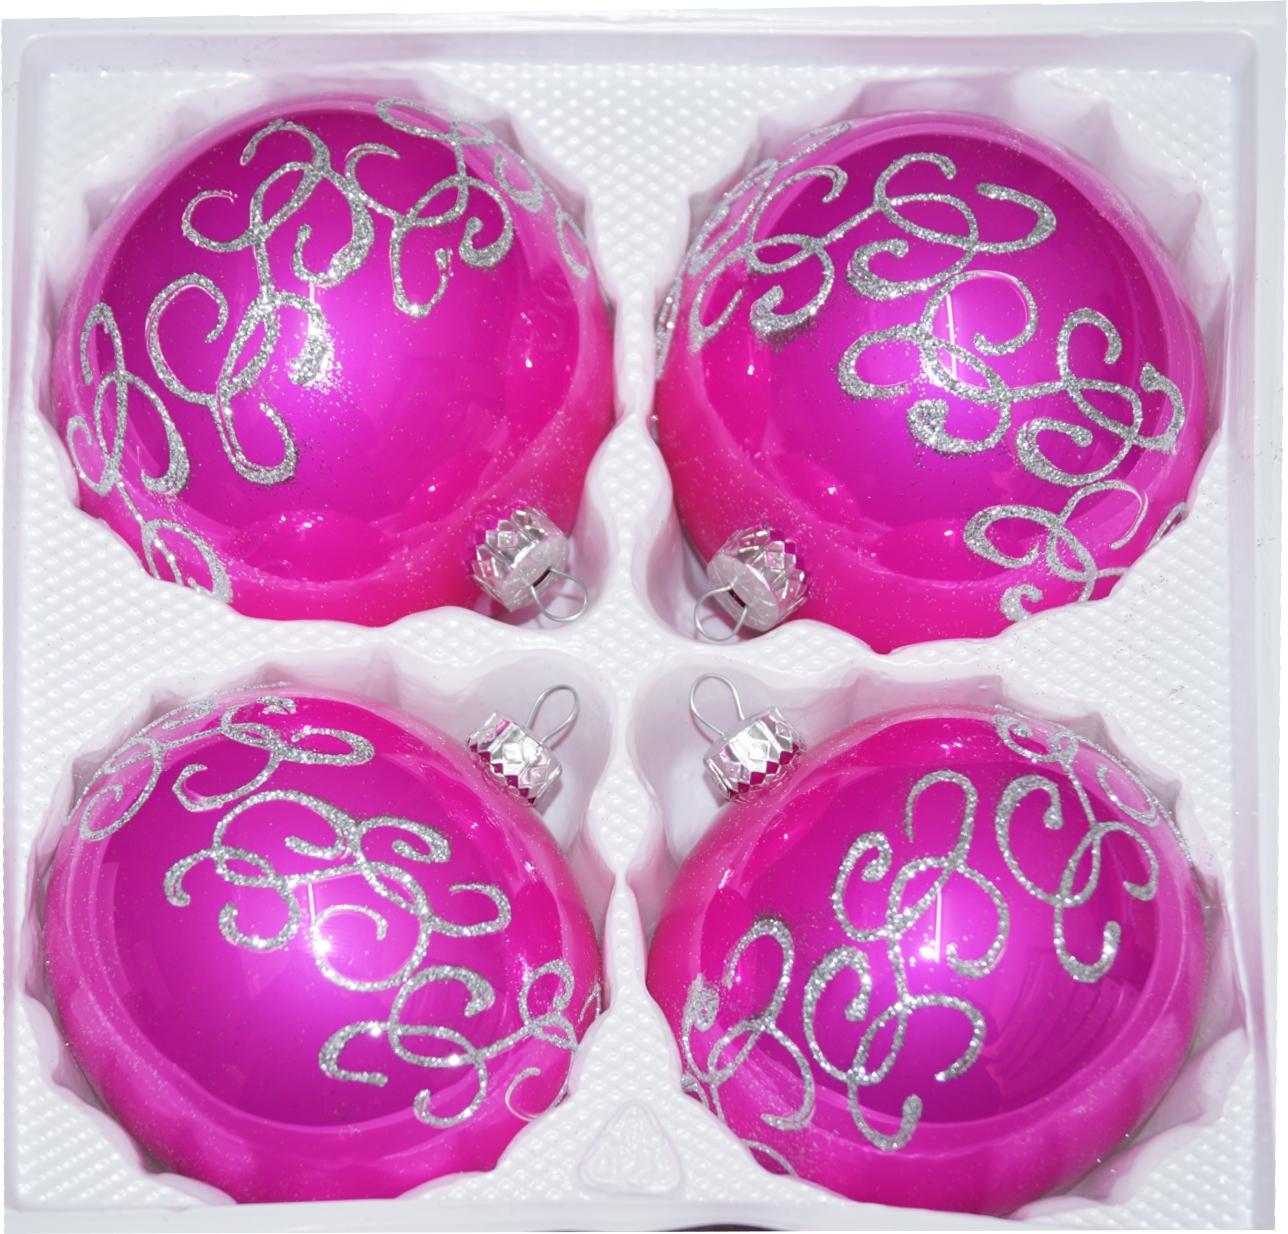 """4 tlg. Glas-Weihnachtskugeln Set 8cm Ø in """"Hochglanz Pink Silberne Ornamente"""""""